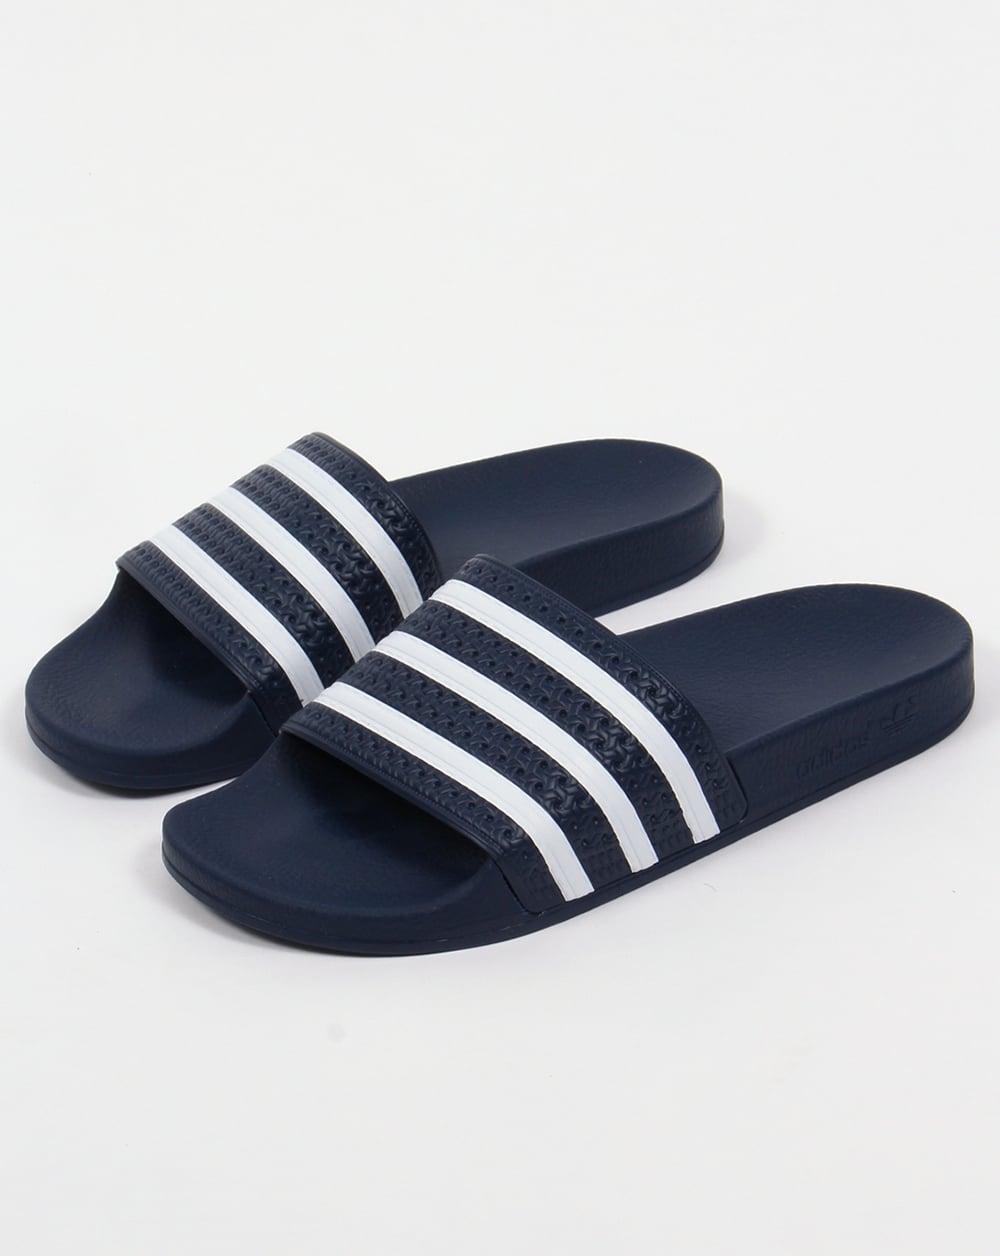 adidas adilette slides navy